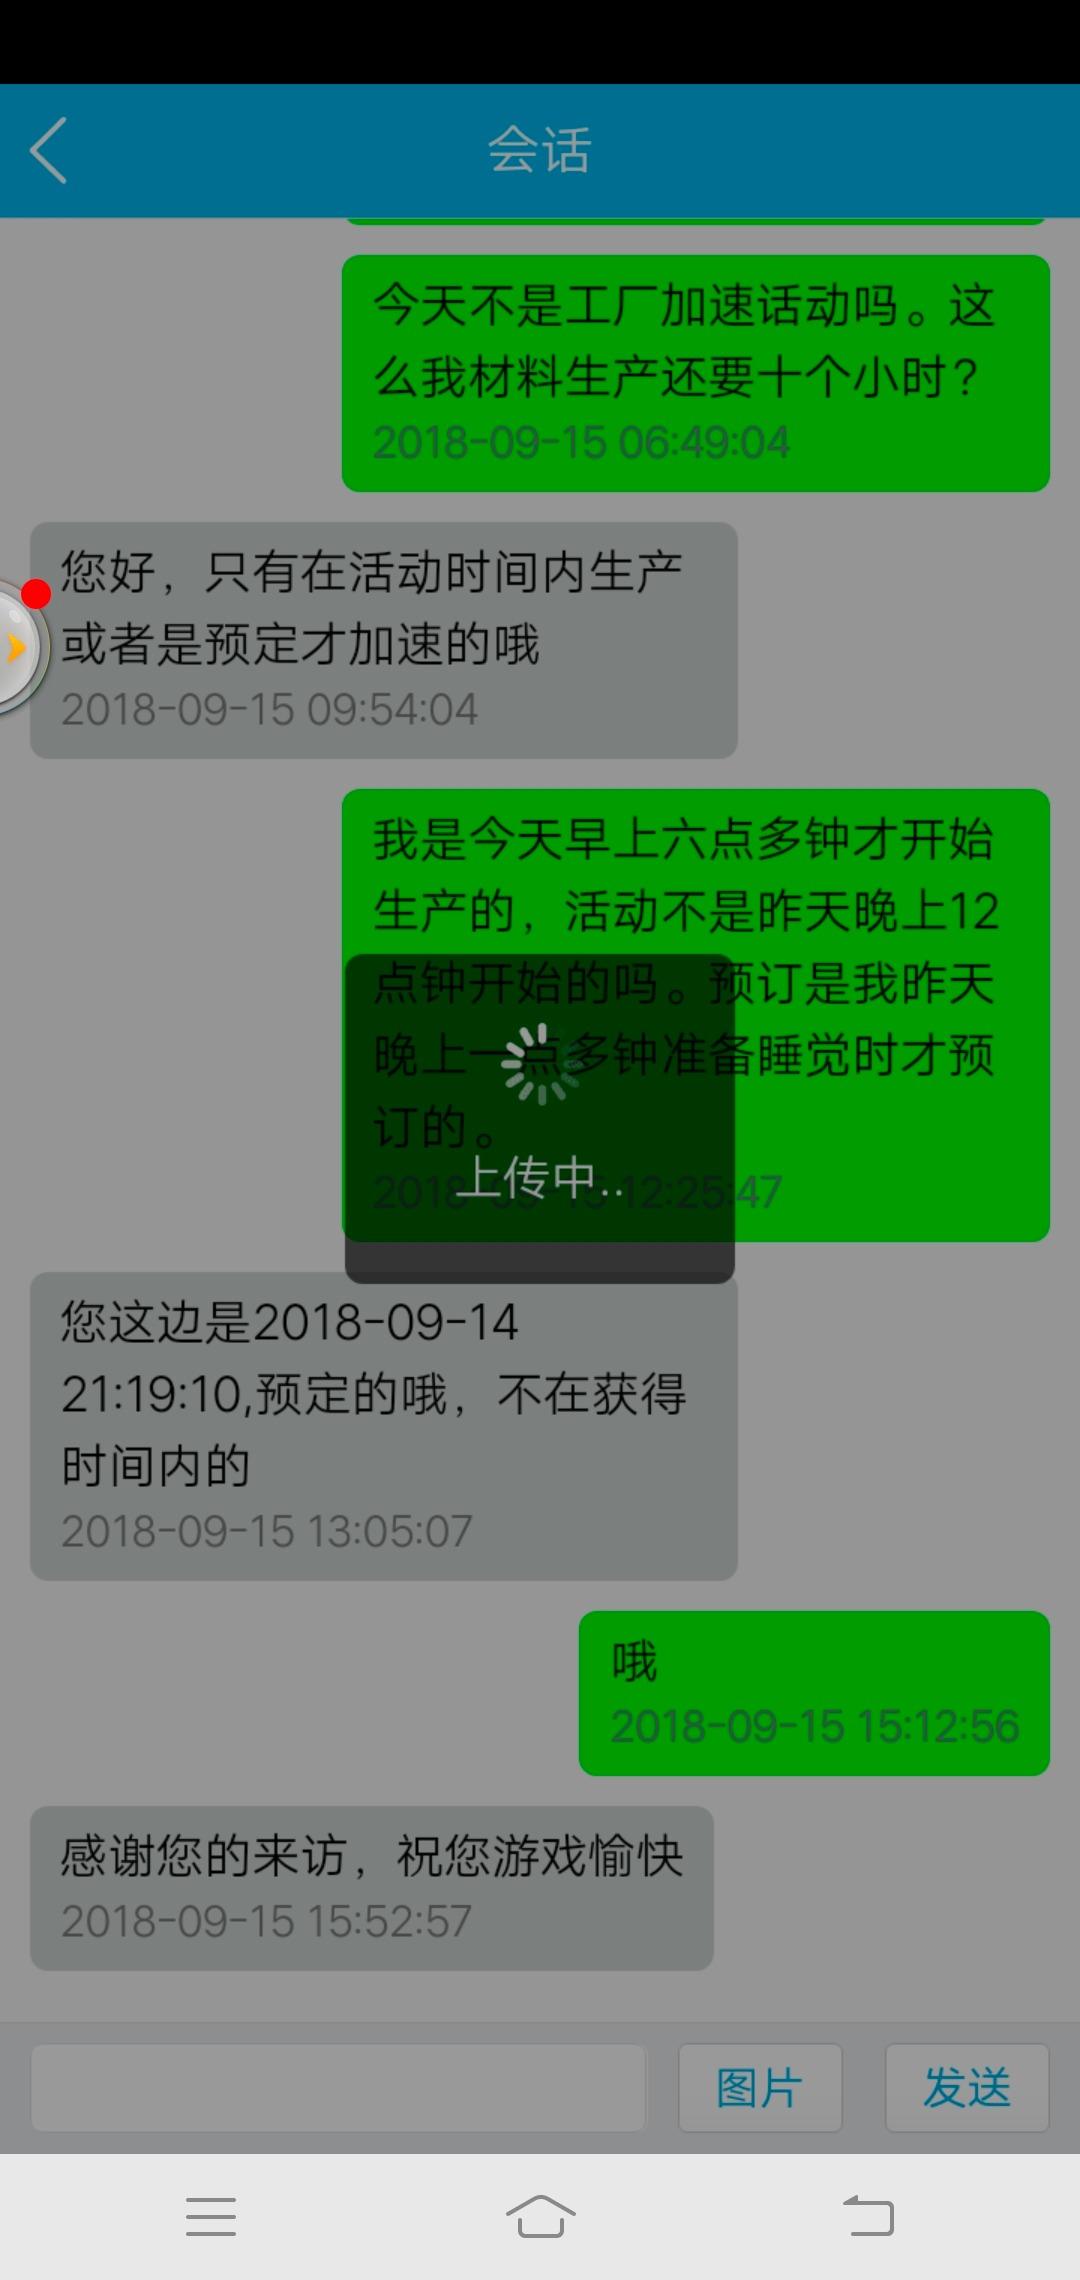 Screenshot_20181124_165037.jpg